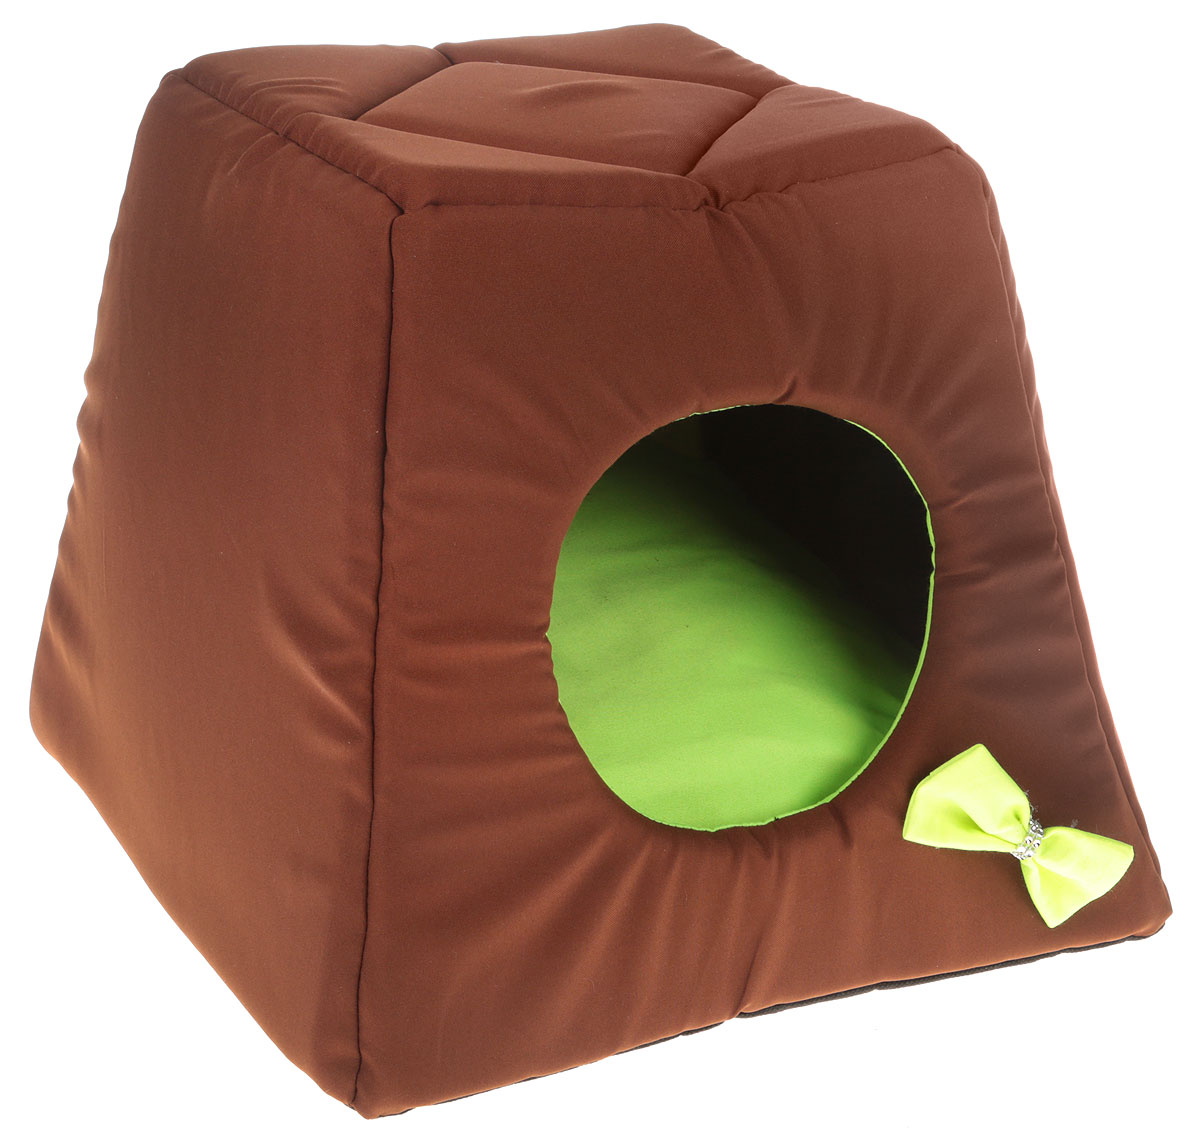 Домик-трансформер для животных GLG Кресло, цвет: коричневый, салатовый, 40 х 40 х 40 смL004/A_коричневый, салатовыйМягкий домик-трансформер GLG Кресло обязательно понравится вашему питомцу. Домик выполнен из хлопка и полиэстера, а наполнитель - из мягкого поролона. Такой материал не теряет своей формы долгое время.Модель оснащена мягкой съемной подстилкой. При необходимости домик можно преобразовать в лежак с высокими бортиками, которые обеспечат вашему любимцу уют. Домик-трансформер GLG Кресло станет излюбленным местом вашего питомца, подарит ему спокойный и комфортный сон, а также убережет вашу мебель от шерсти.Размер домика-трансформера (в виде лежака): 40 х 40 х 17 см.Размер домика-трансформера (в виде домика): 40 х 40 х 40 см.